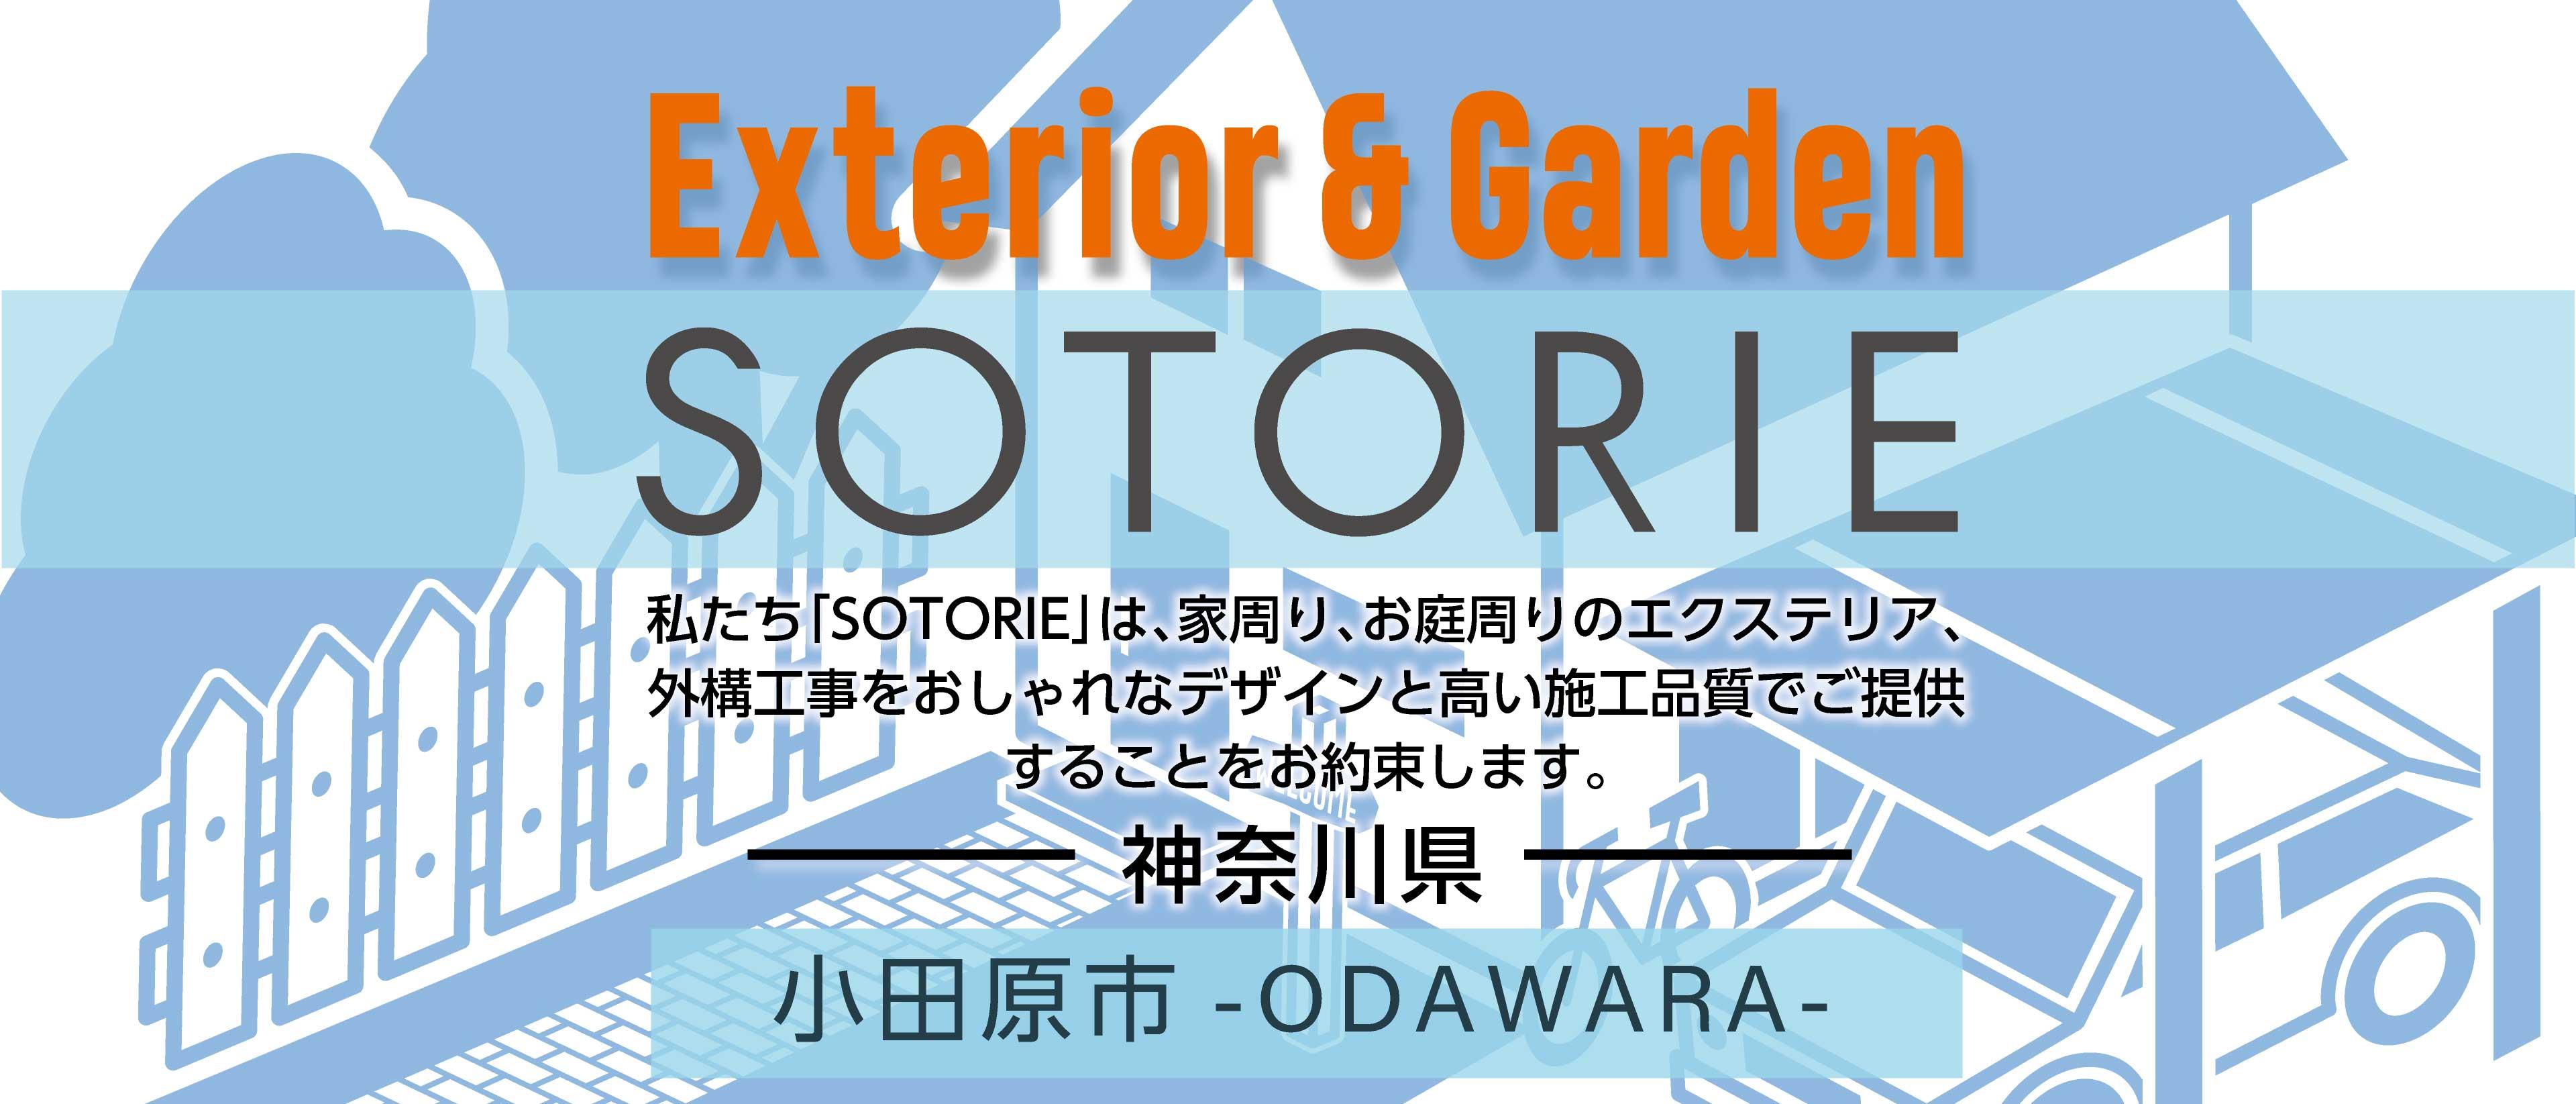 ソトリエ小田原市では、家周りと庭周りの外構、エクステリア工事をおしゃれなデザインと高い施工品質でご提供することをお約束します。